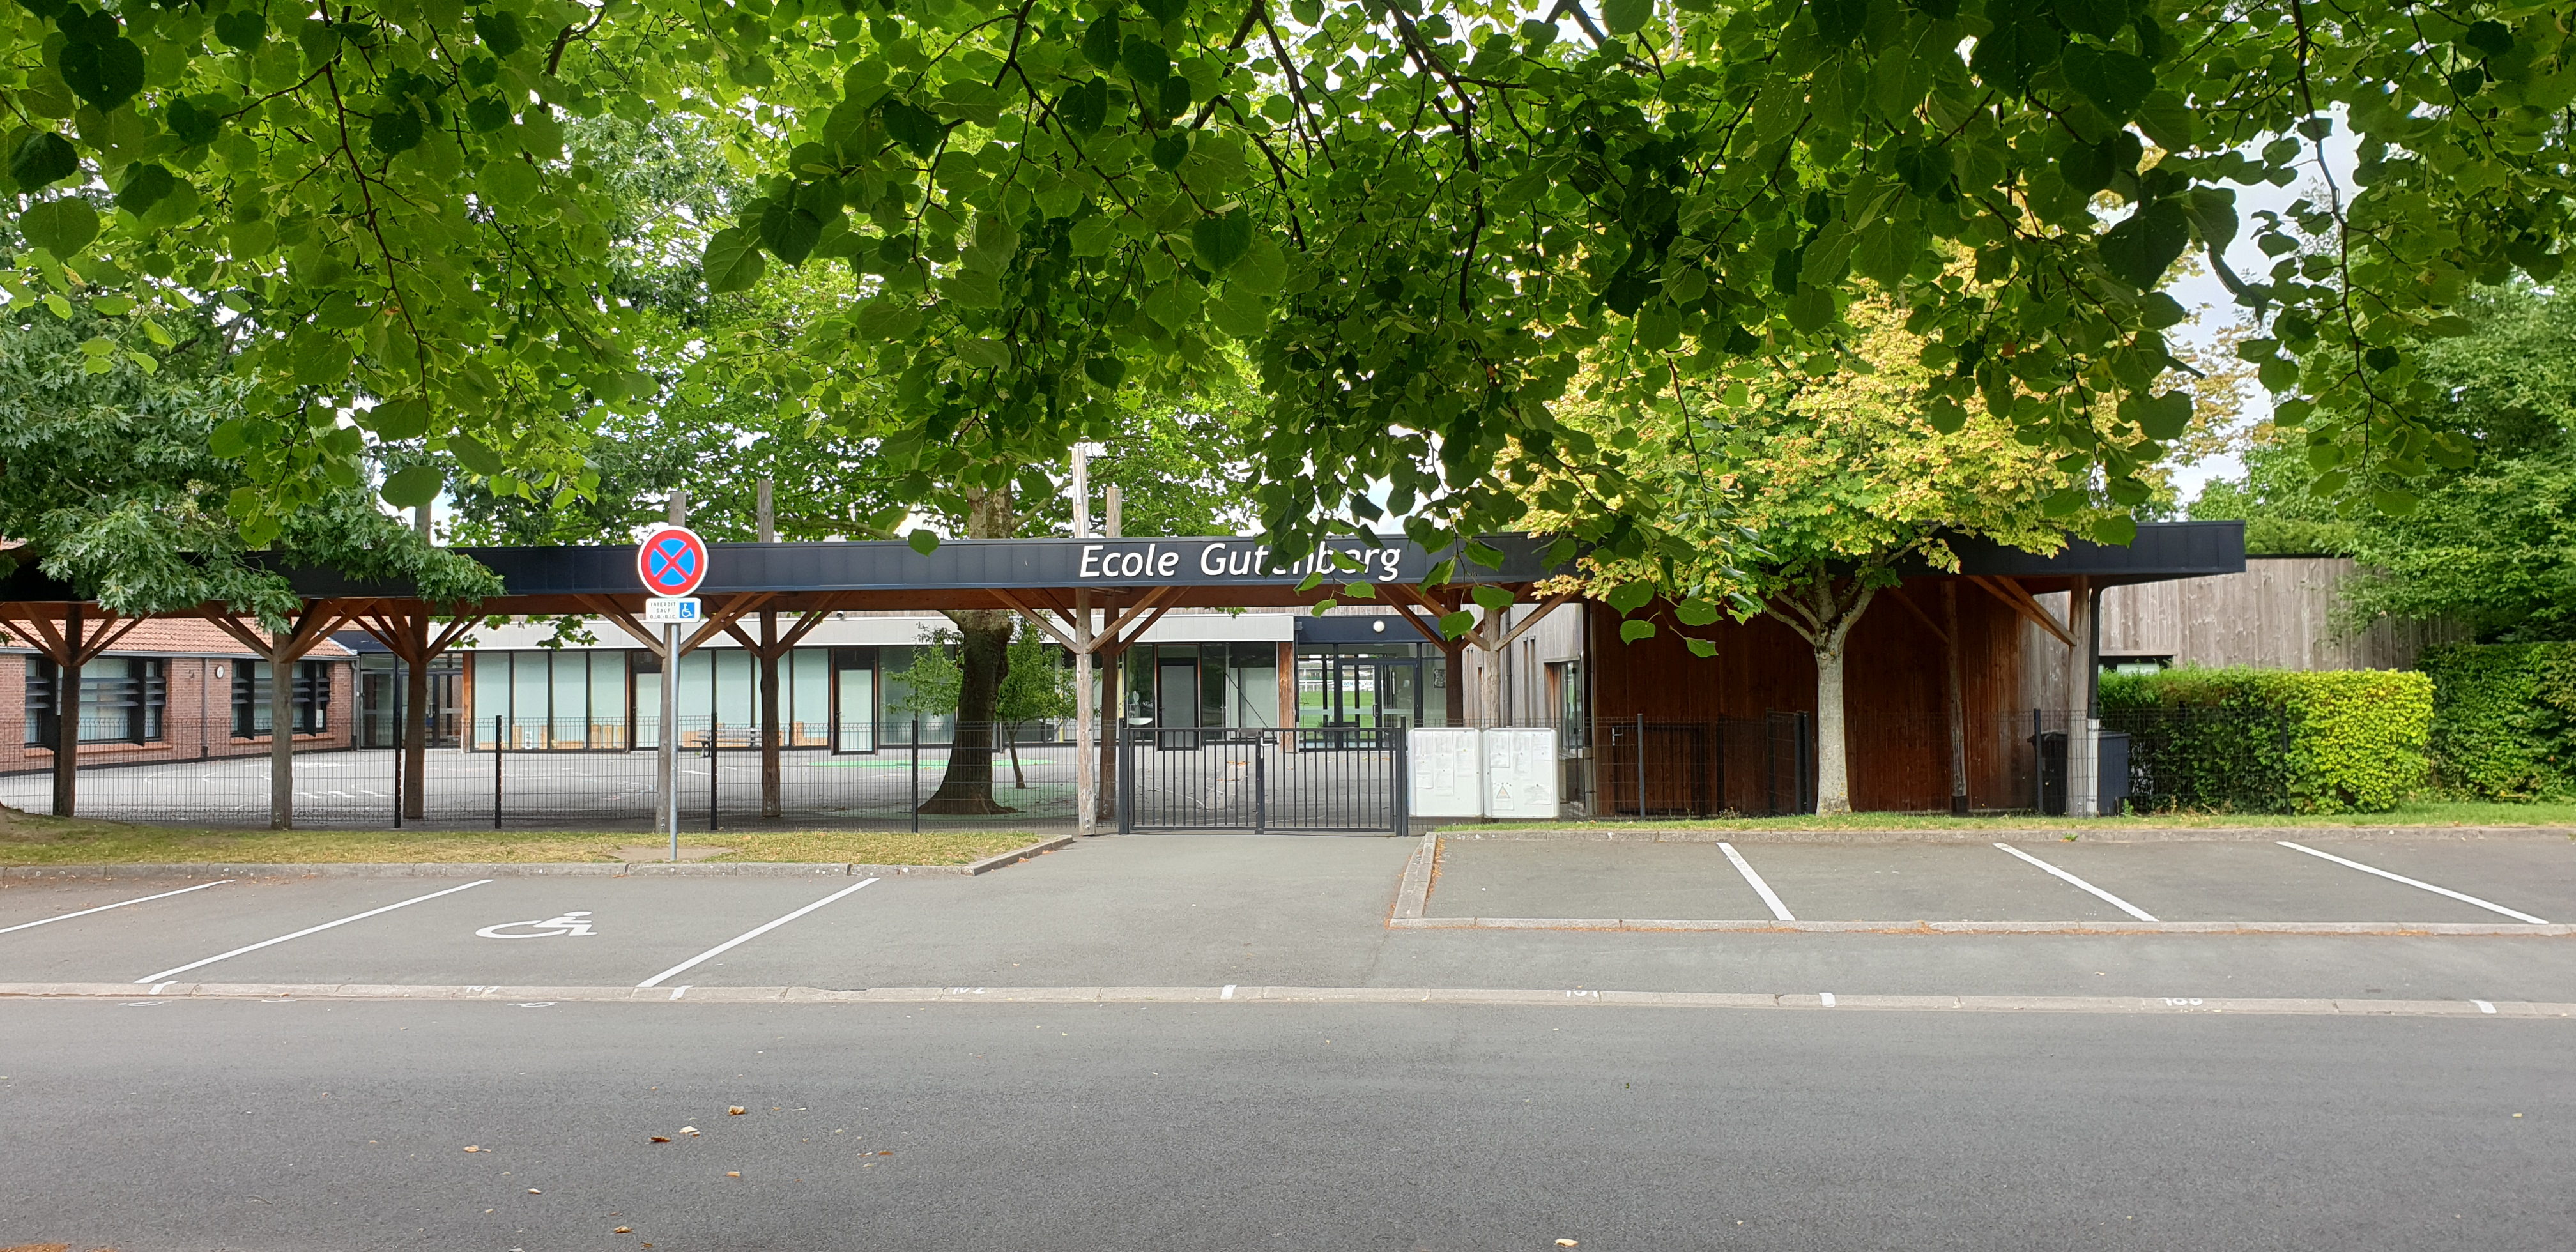 Ecole Gutenberg